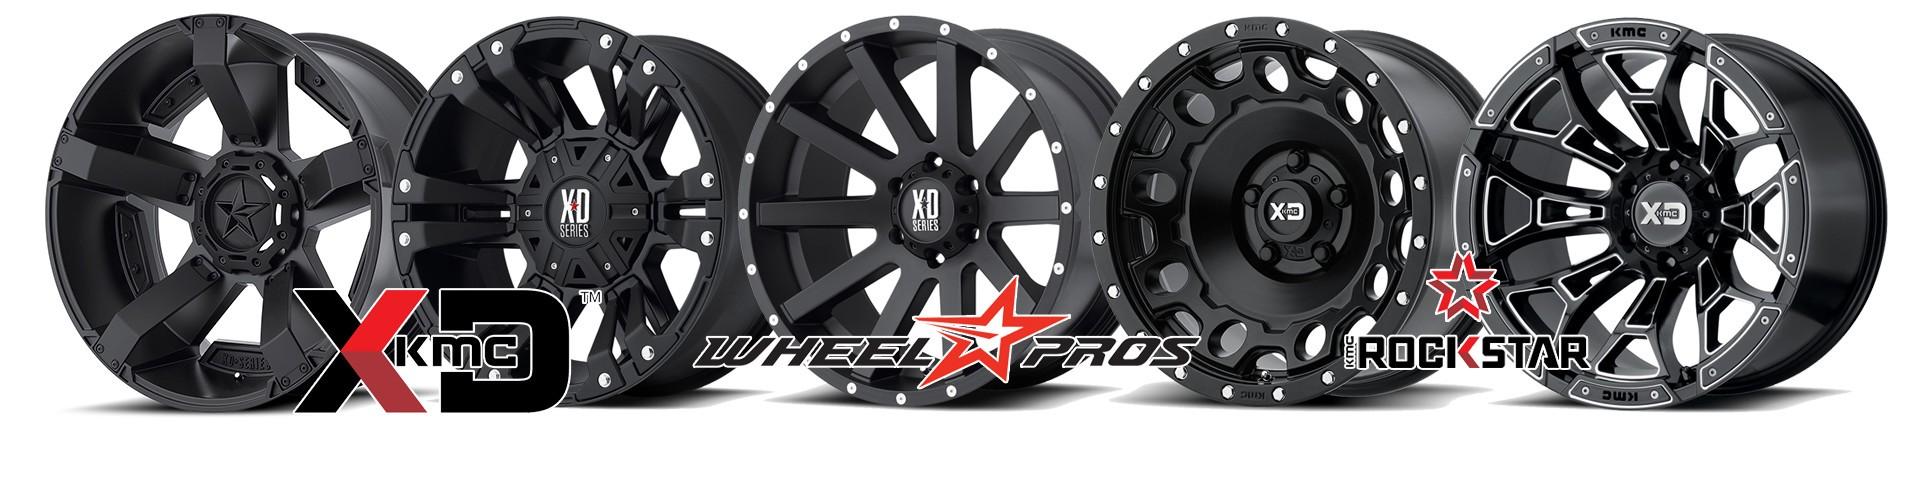 Accessoires4x4, les nouveautées :  Jantes KMC Wheel Pros